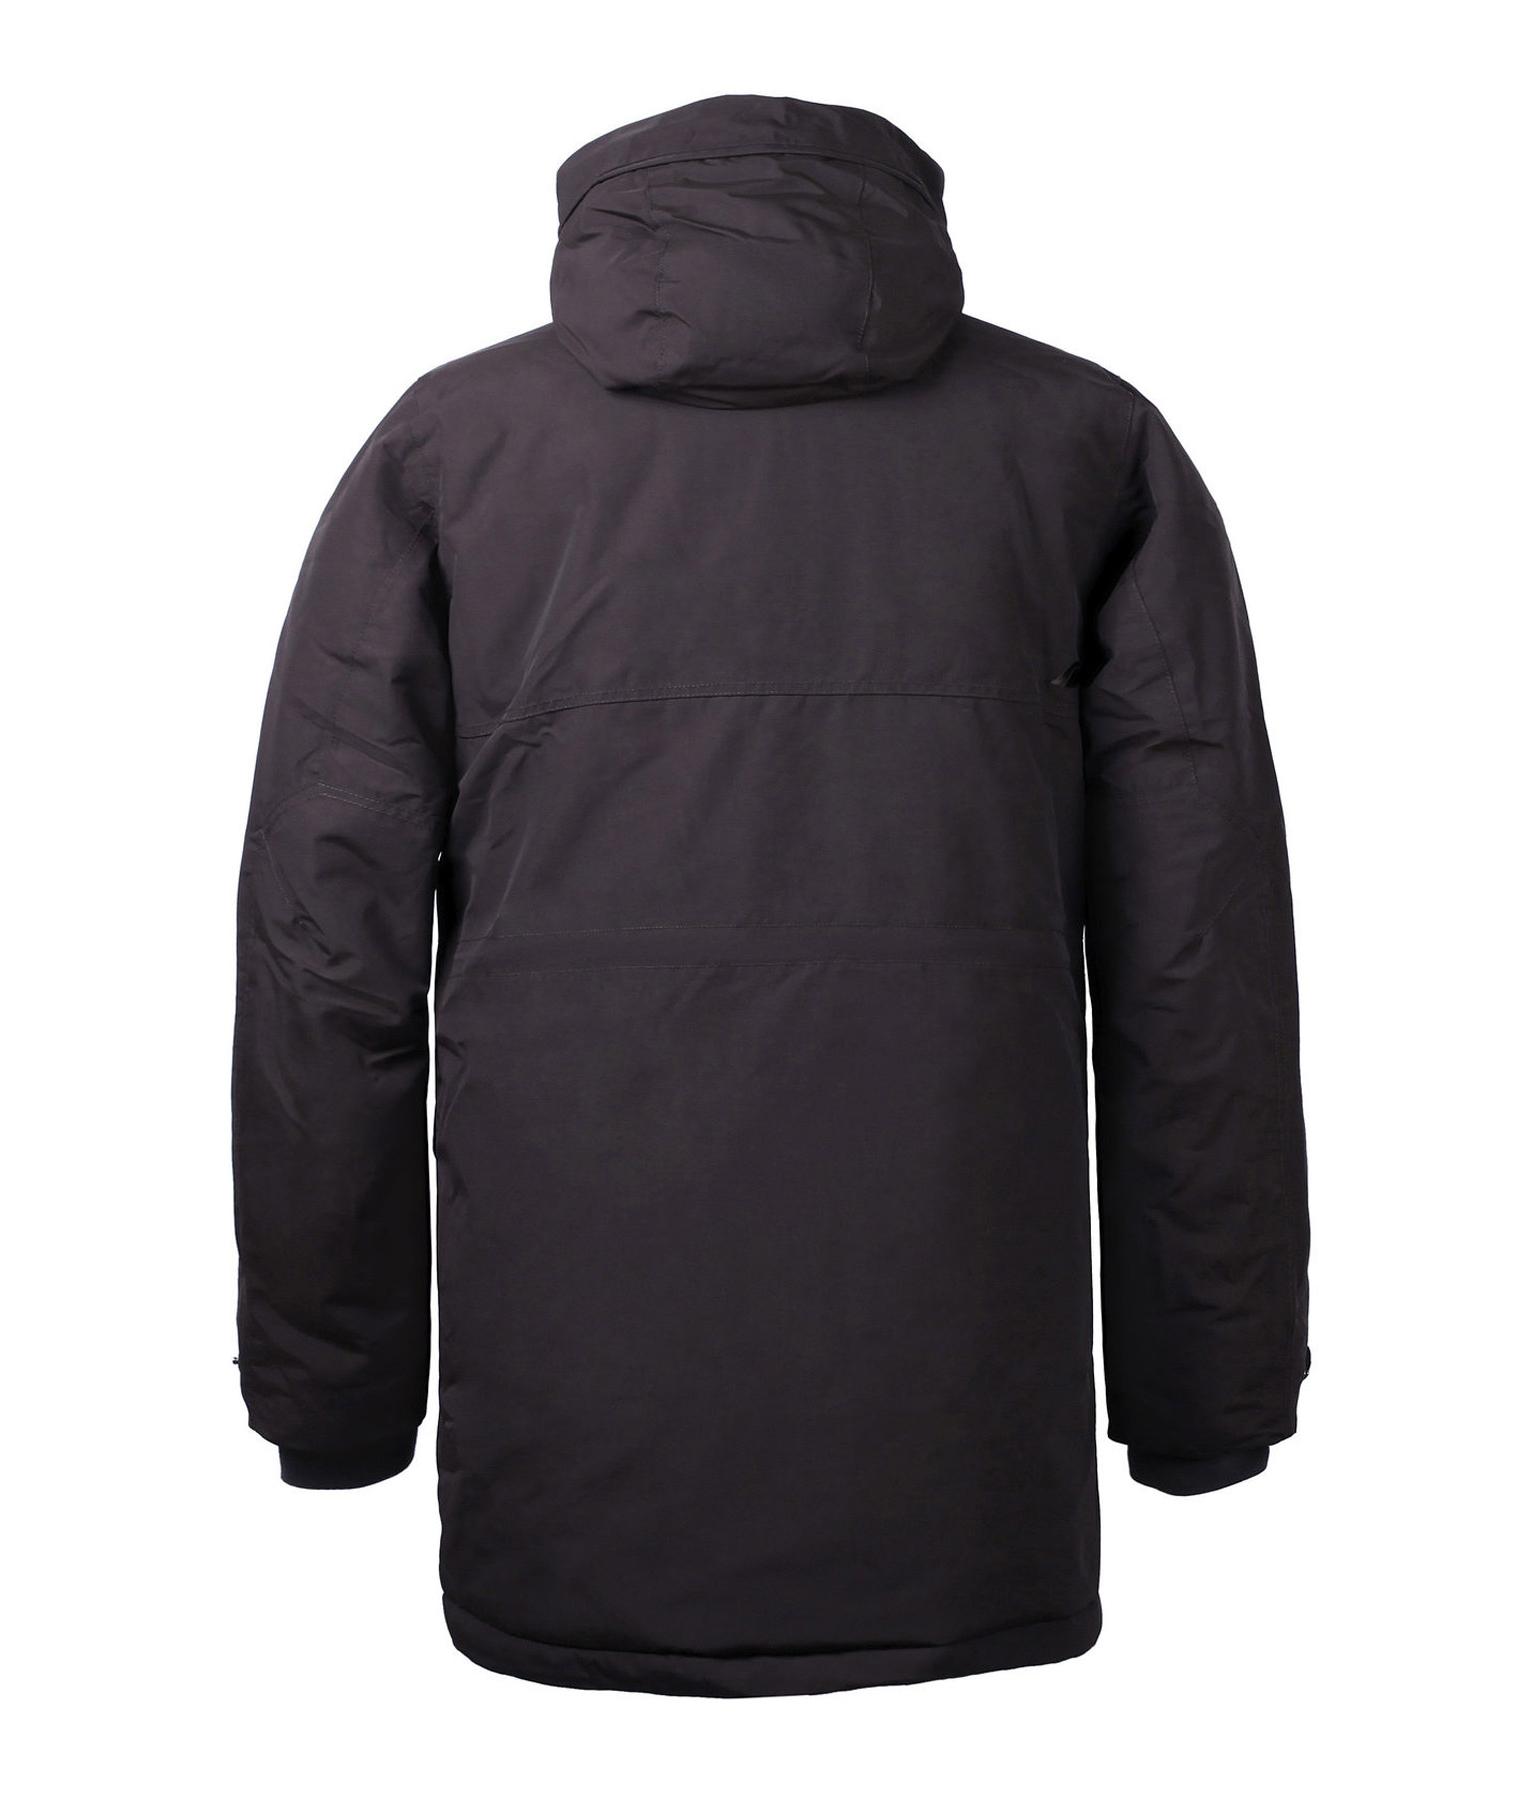 Куртка мужская DREW Didriksons — фото 7